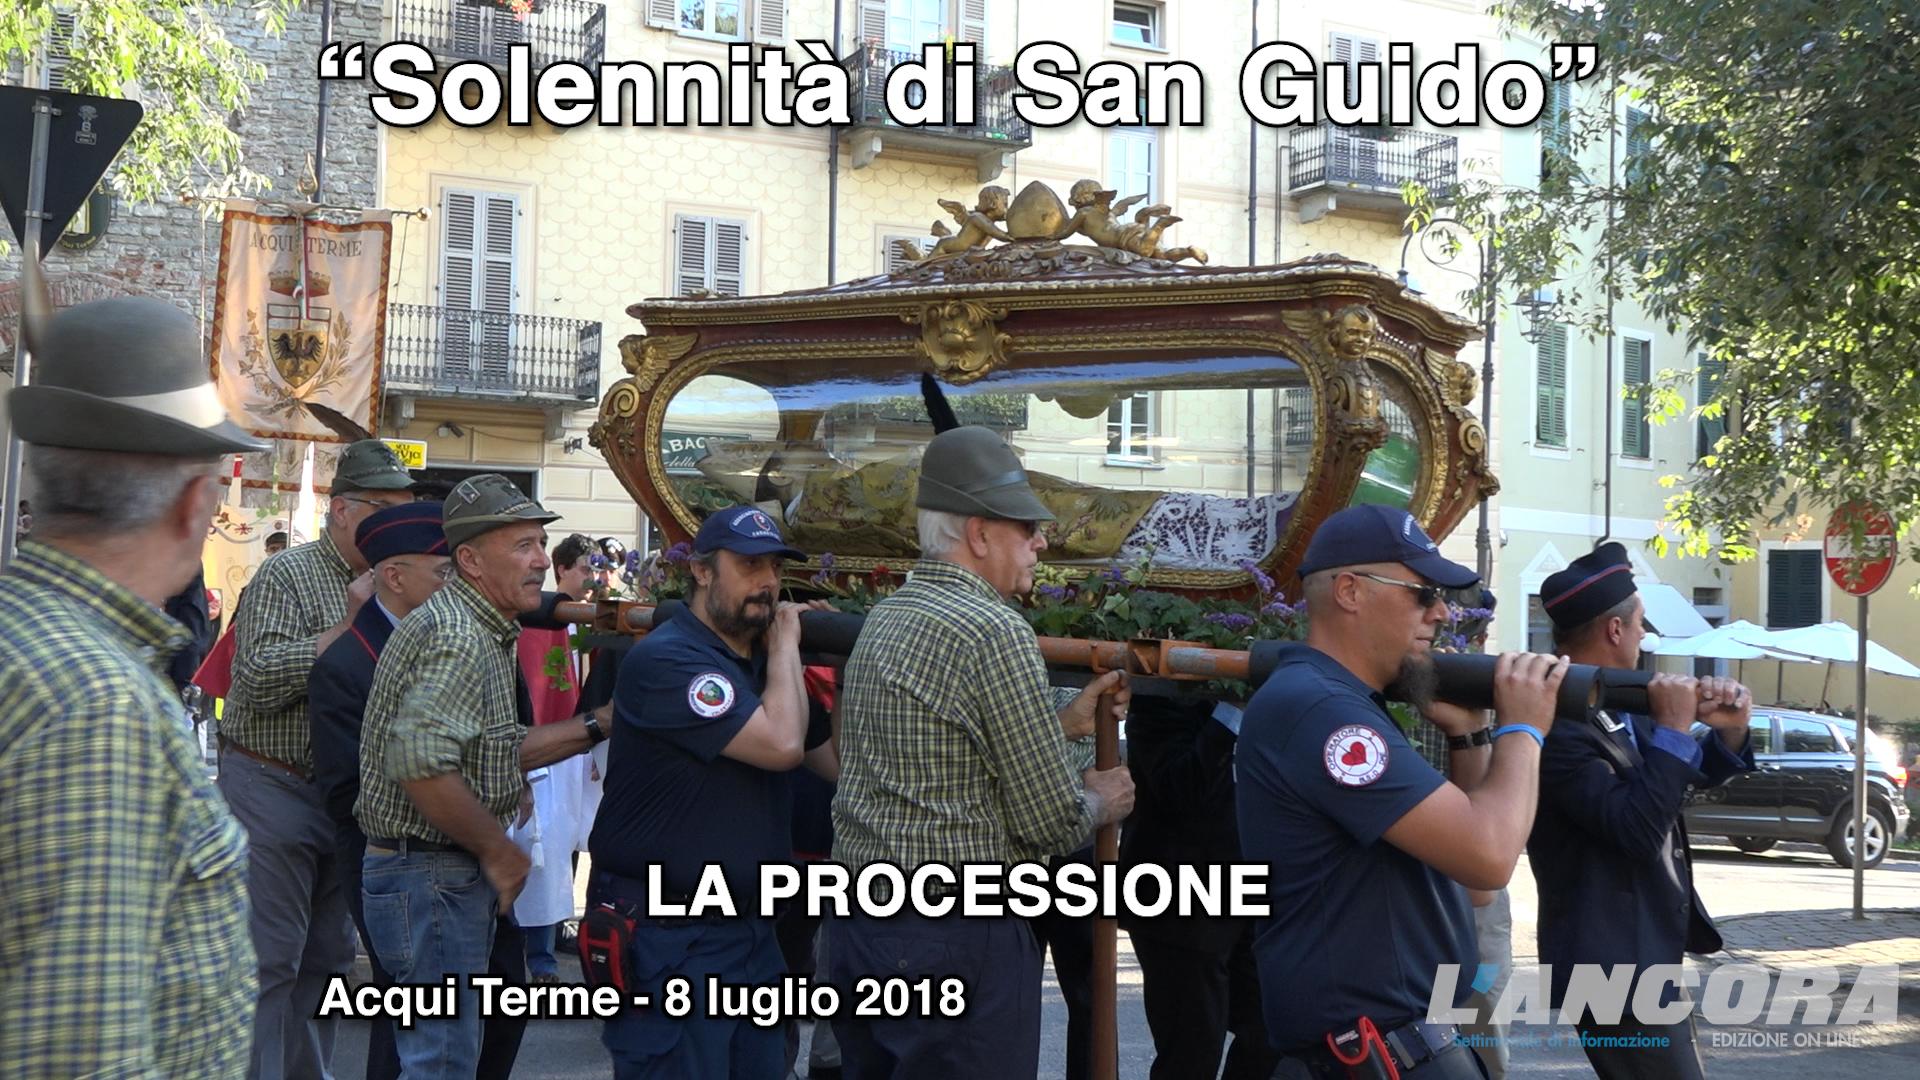 Diocesi di Acqui, solennità di San Guido - LA PROCESSIONE (VIDEO)